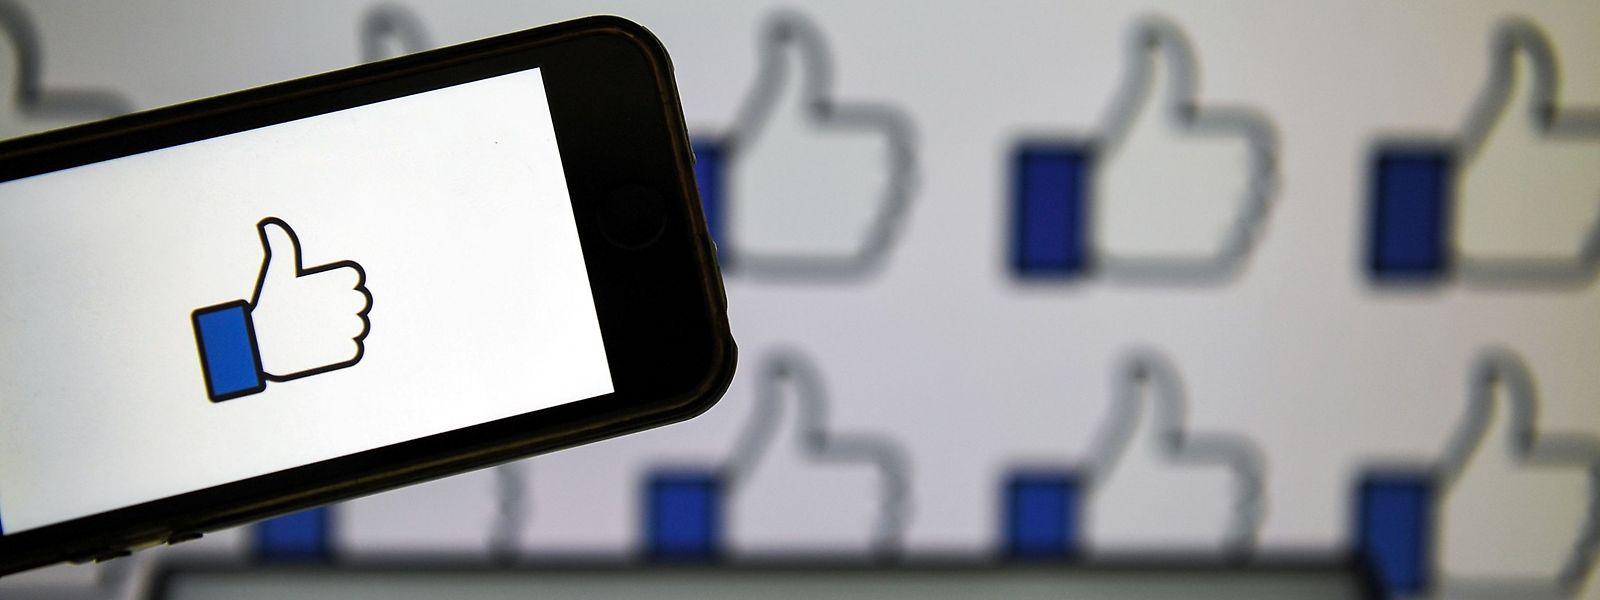 Si la réforme de l'OCDE passe, les impôts prélevés sur les revenus des sociétés du numérique rapporteraient 93 milliards d'euros supplémentaires aux Etats par an.